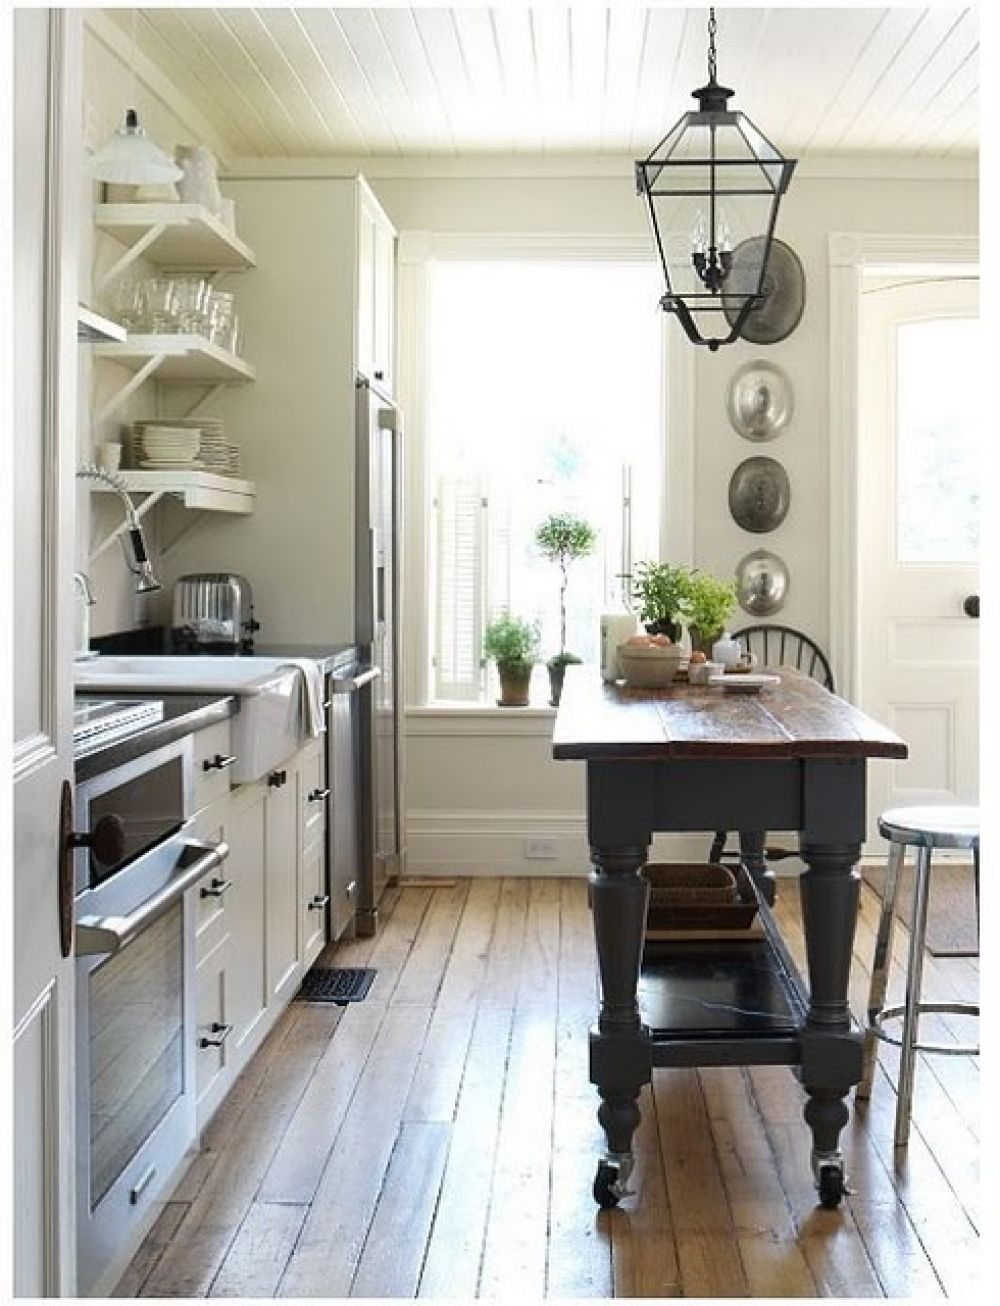 30 modern minimalist farmhouse kitchen ideas in 2020 on kitchen ideas modern id=26390